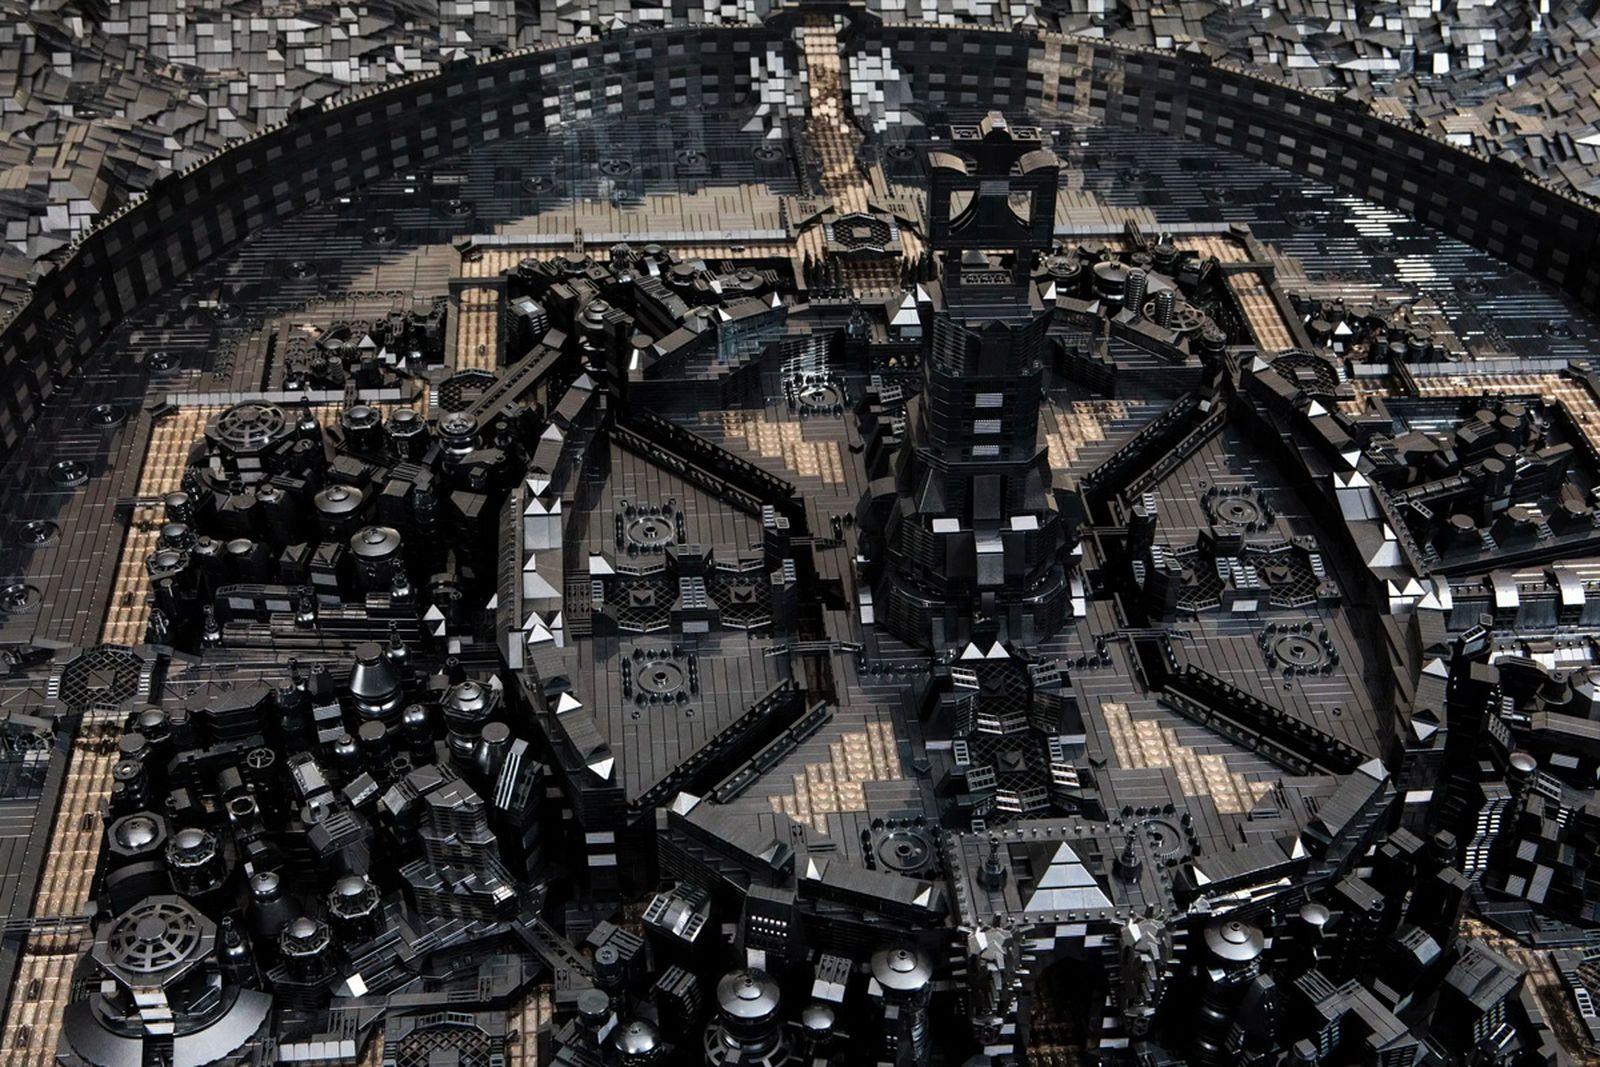 ekow-nimakos-lego-city-kumbi-saleh-3020-06